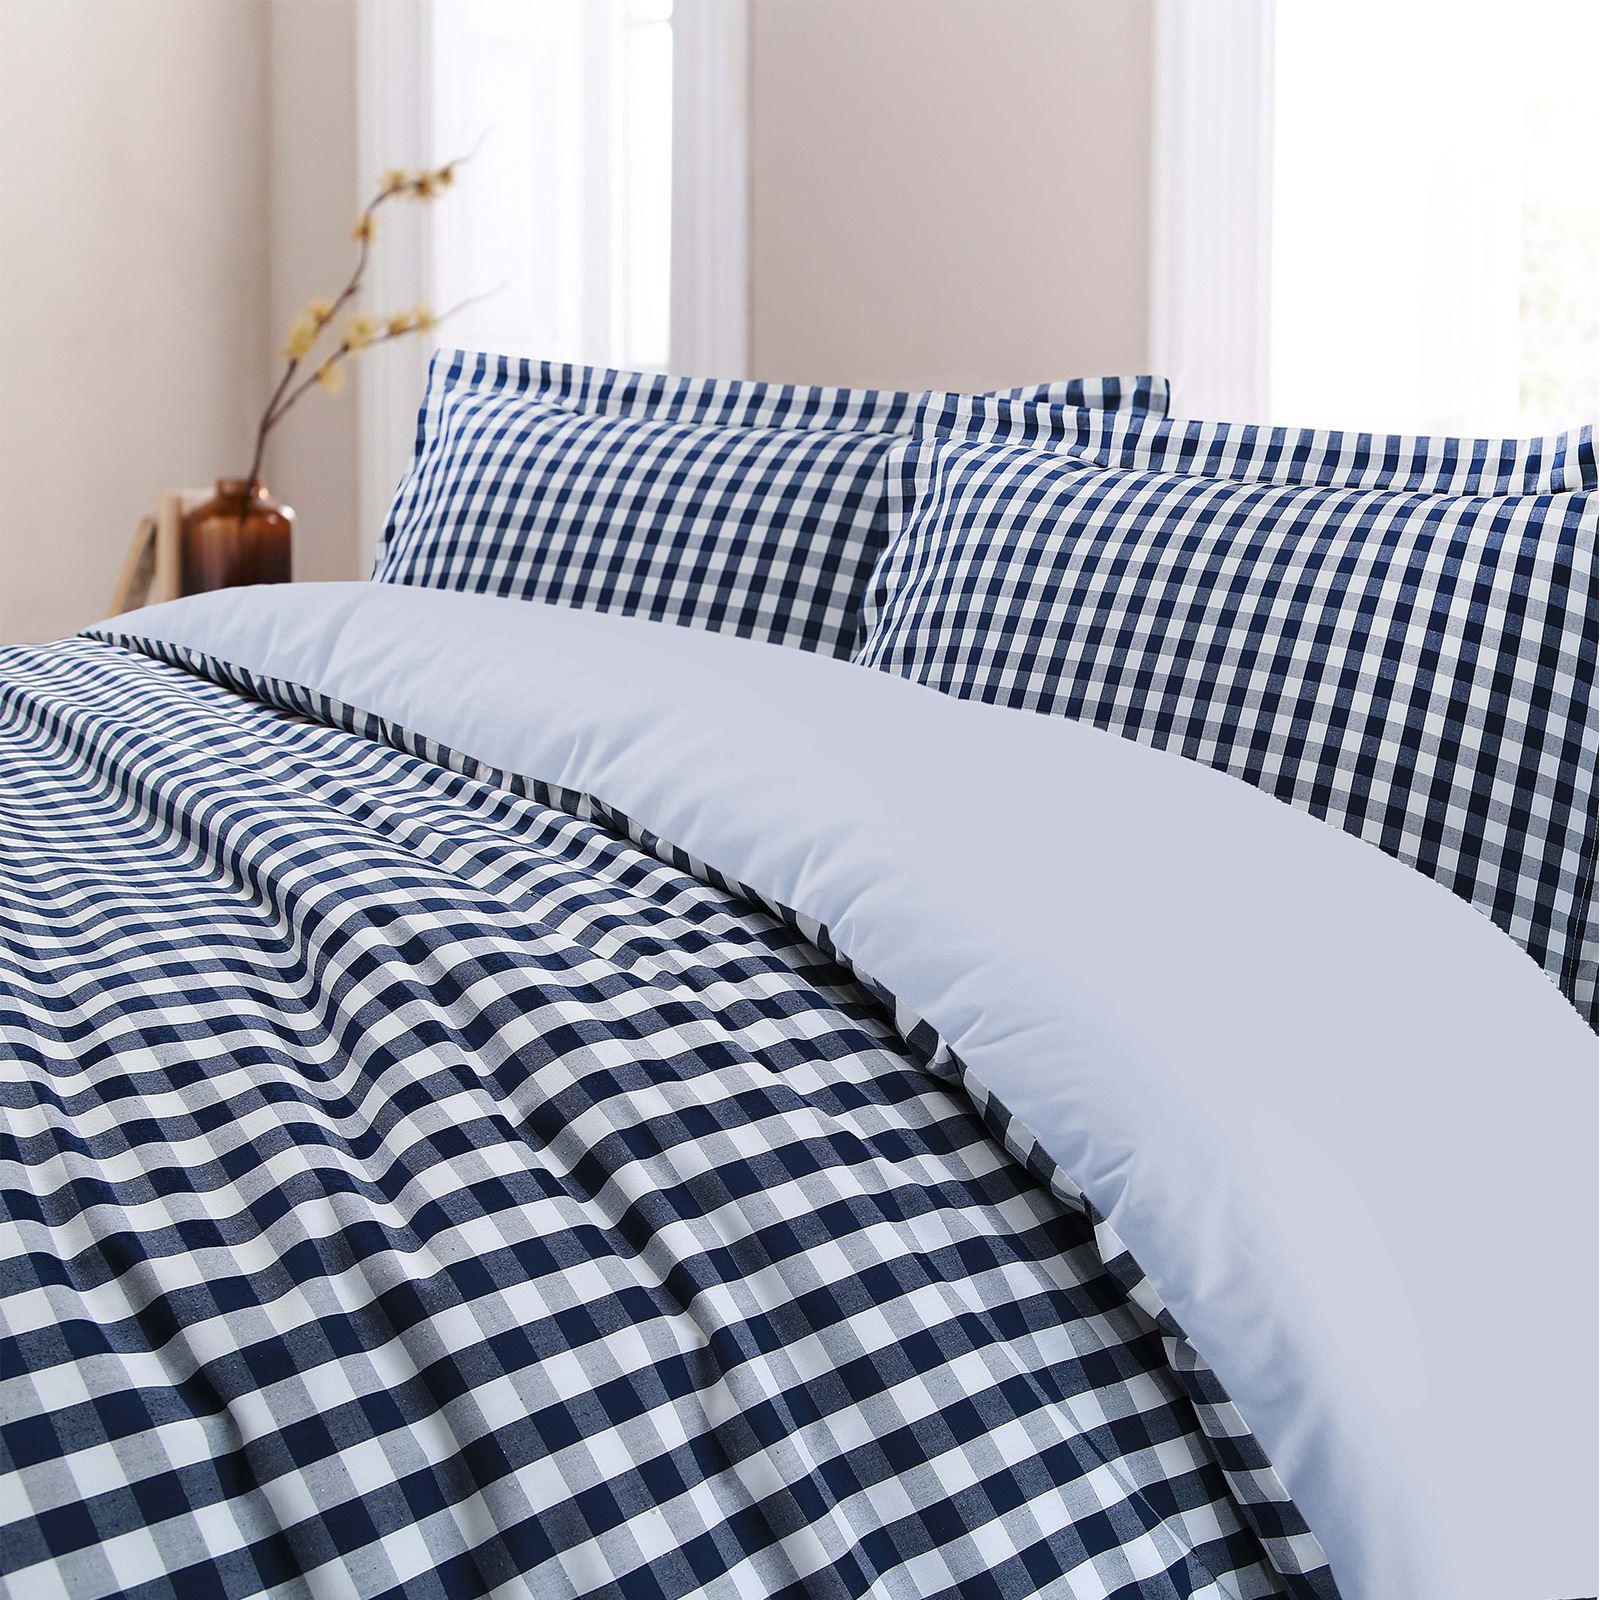 De-Lujo-Gingham-Check-Reversible-100-algodon-T200-conjunto-de-edredon-cubierta-y-fundas-de-almohada miniatura 8